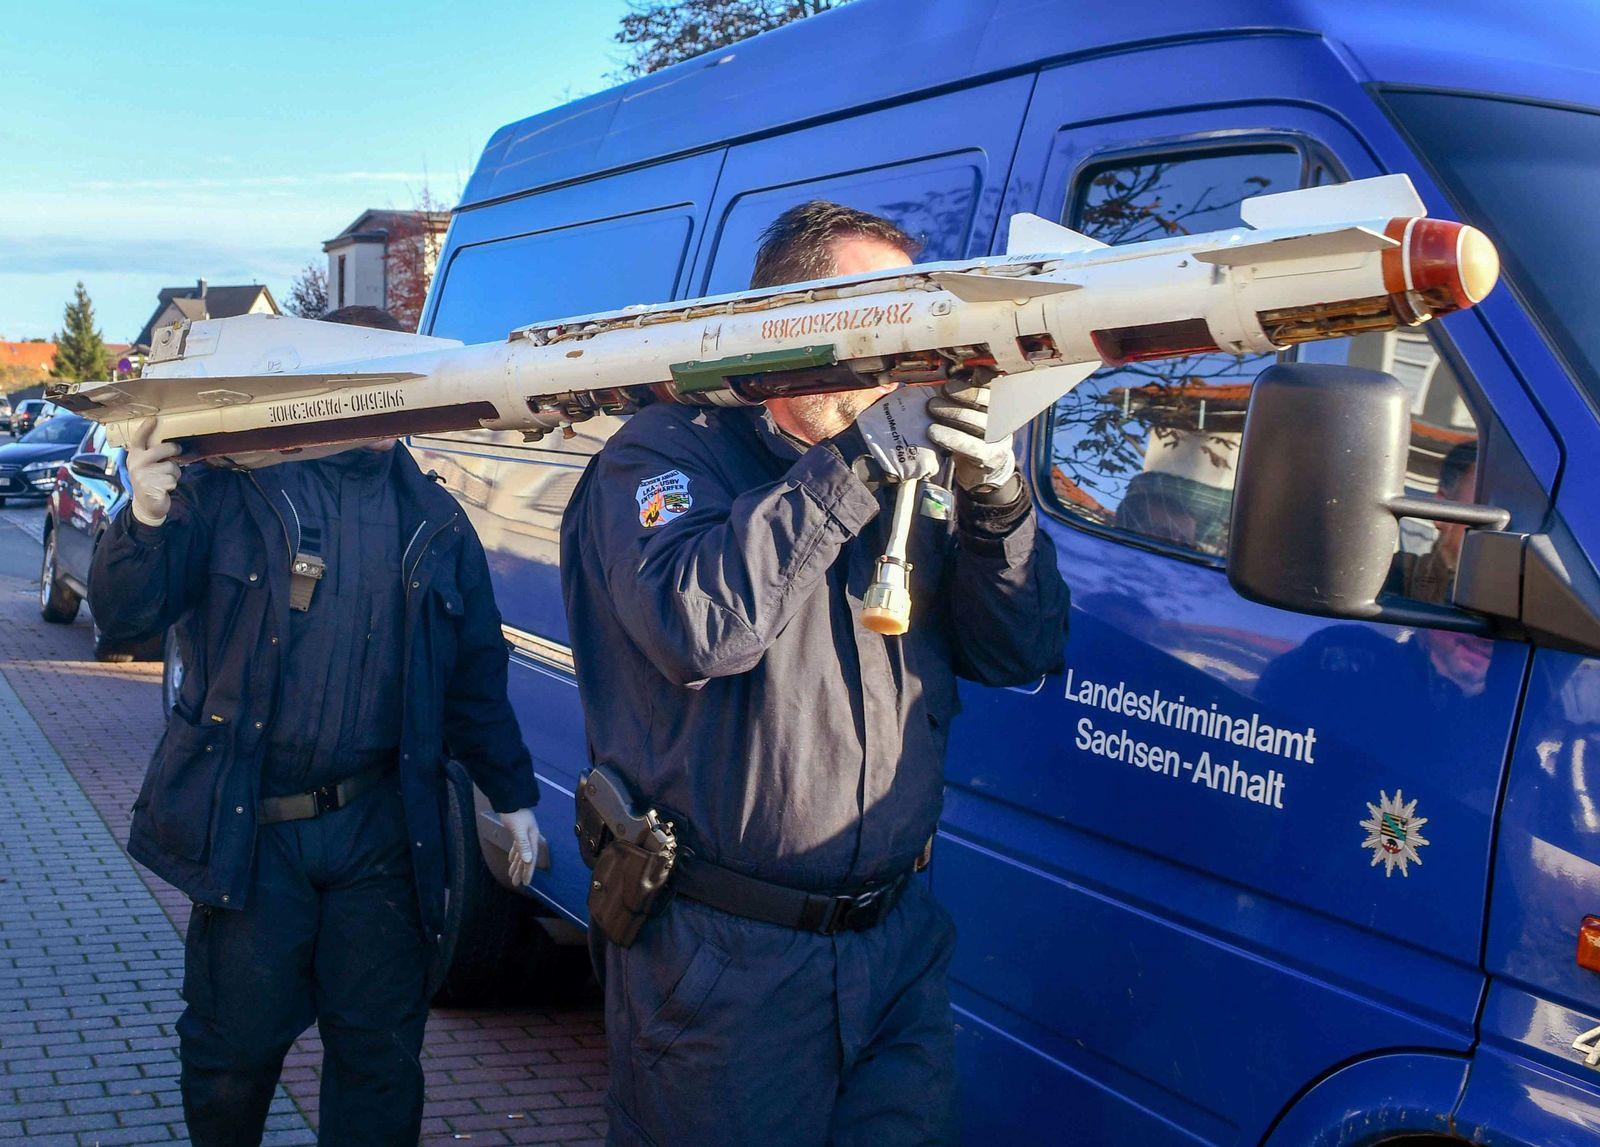 SEK-Einsatz:Polizei stellt Minen und Granaten in Wohnung sicher